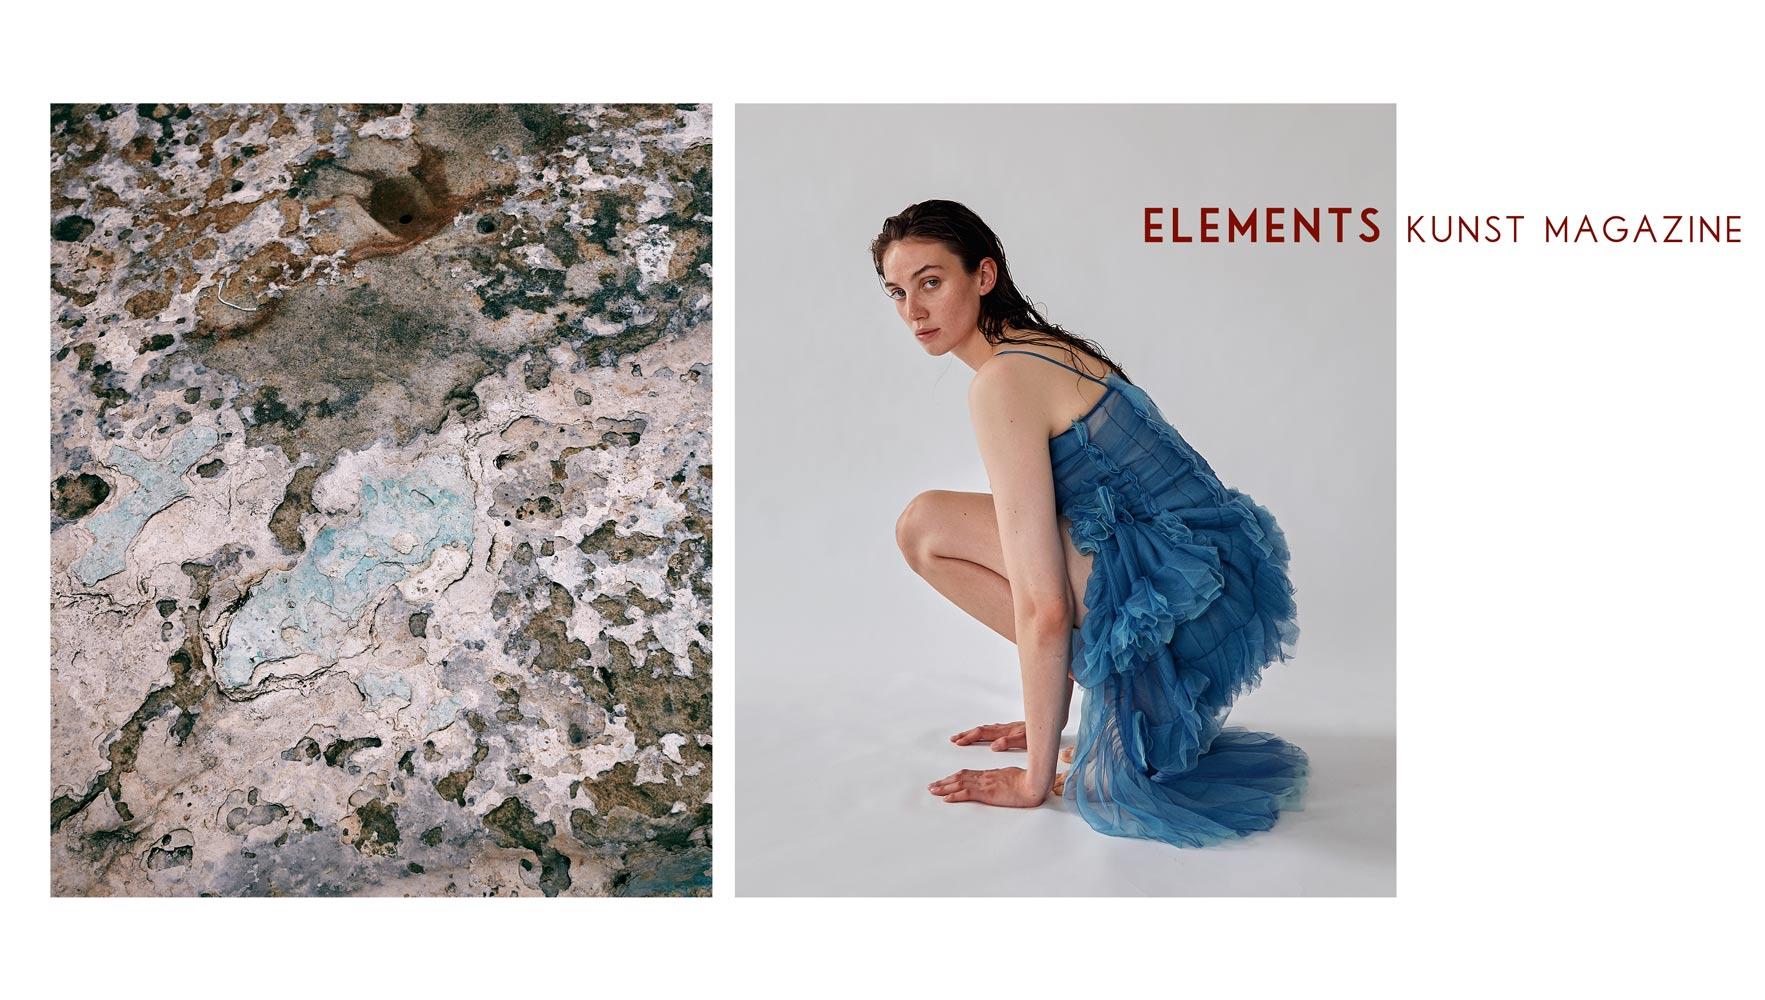 ELEMENTS – KUNST Magazine